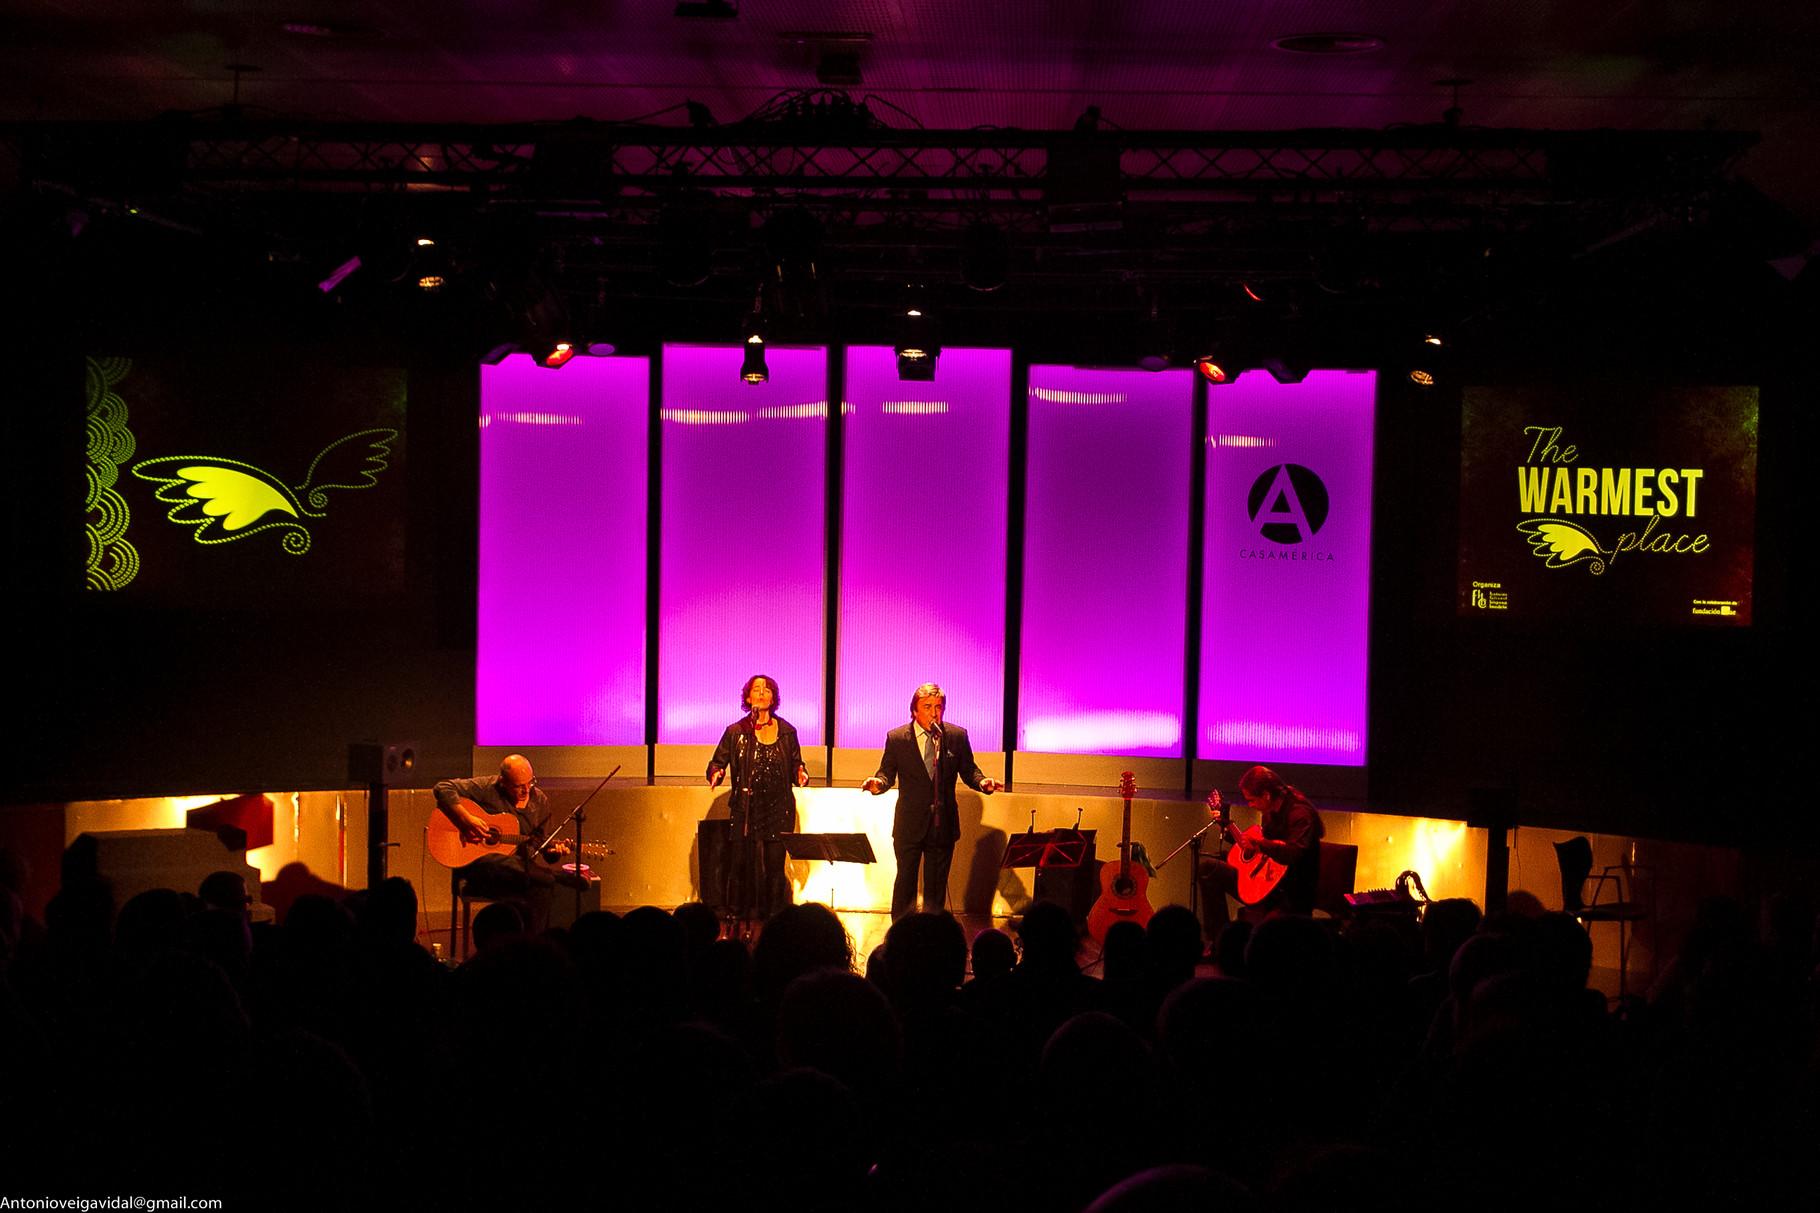 Julio García, Isidro Solera (guitarras), Rubén Melogno (voz), Carmen Ros (coros)